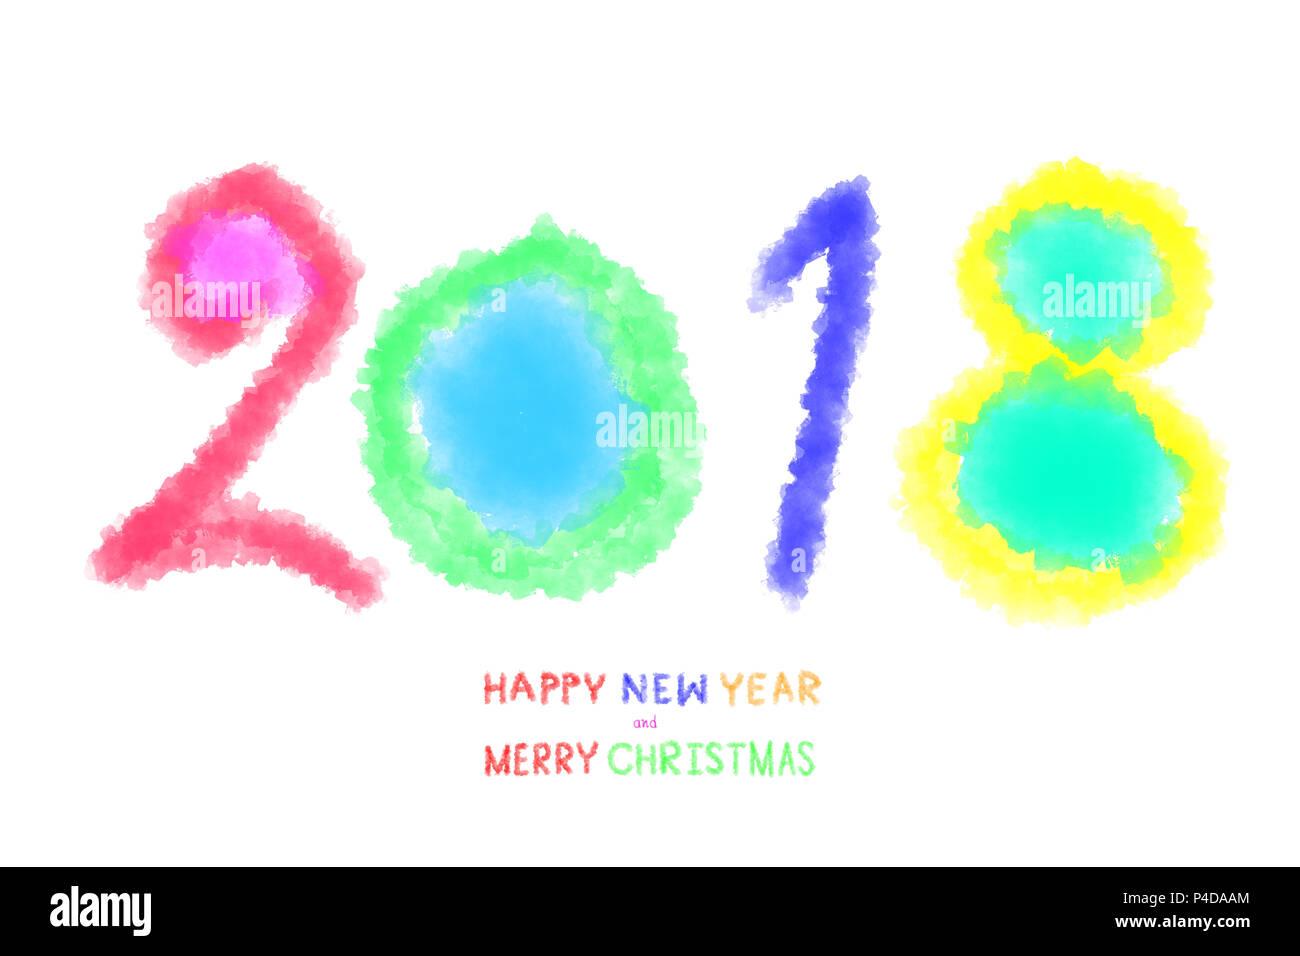 2018 Frohes Neues Jahr und Frohe Weihnachten. Text kalligrafischen ...